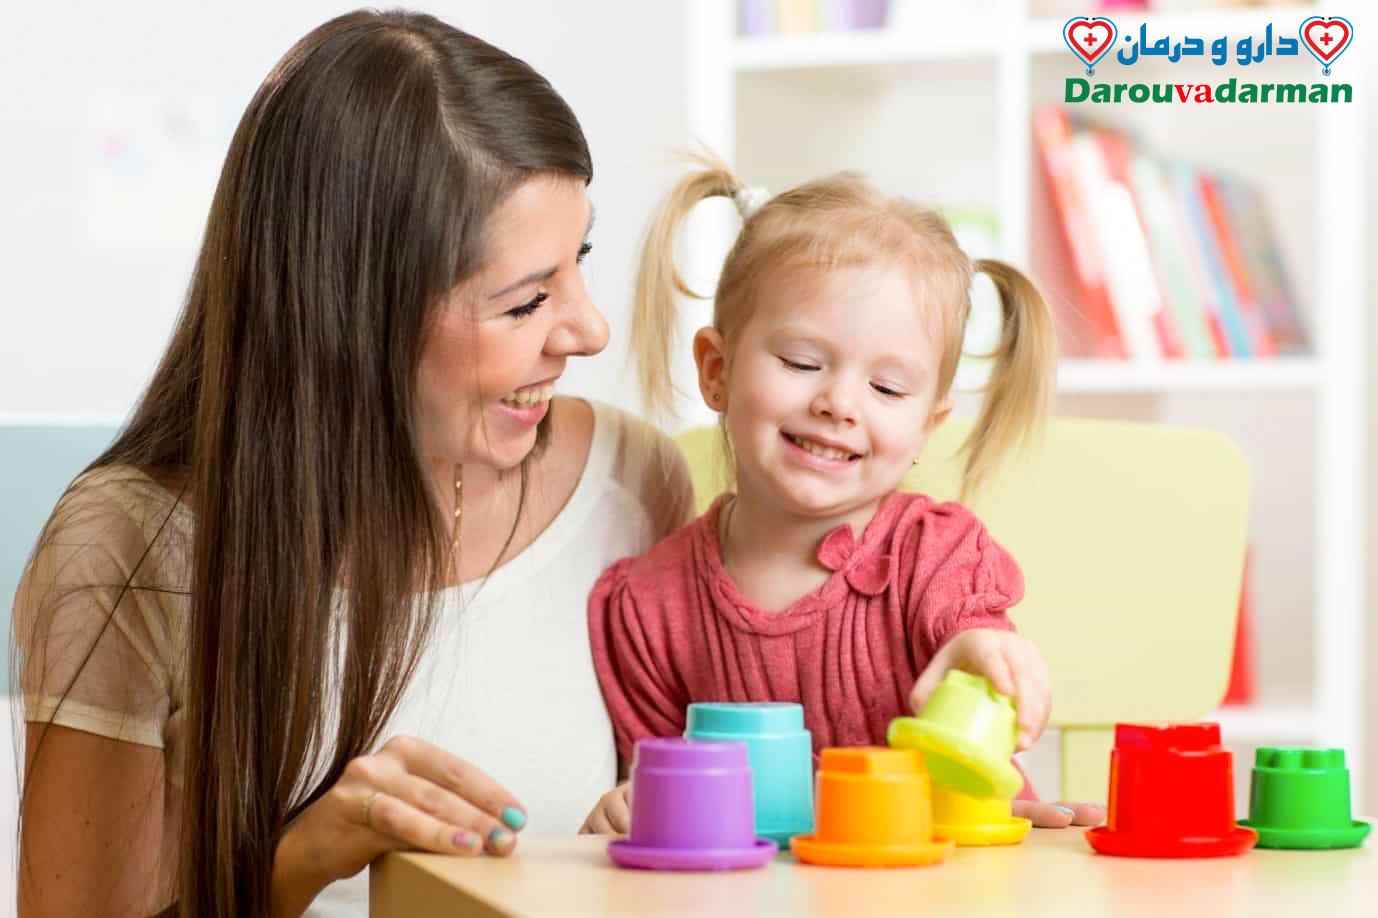 آپراکسی در کودکان(اختلات گفتاری) چیست؟